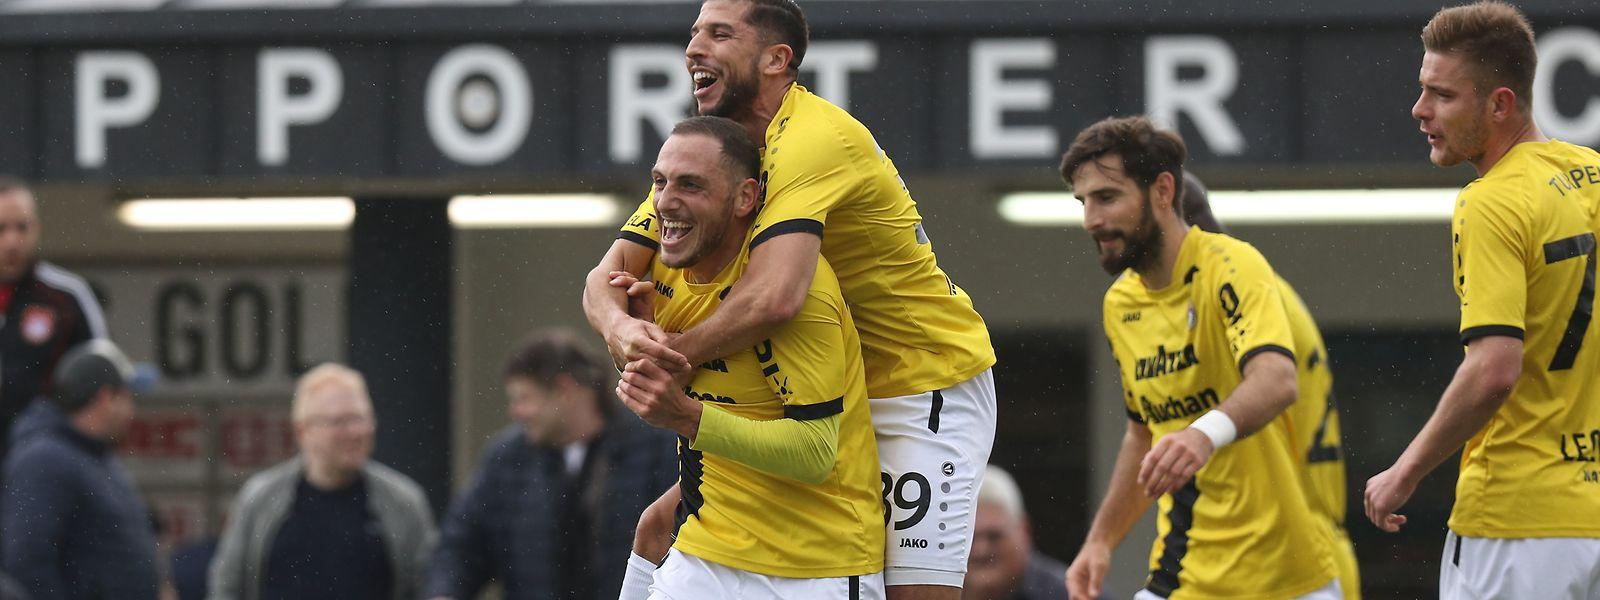 Clément Couturier, abraçado por Aniss El Hriti, marcou o primeiro golo do Dudelange em Pátange.